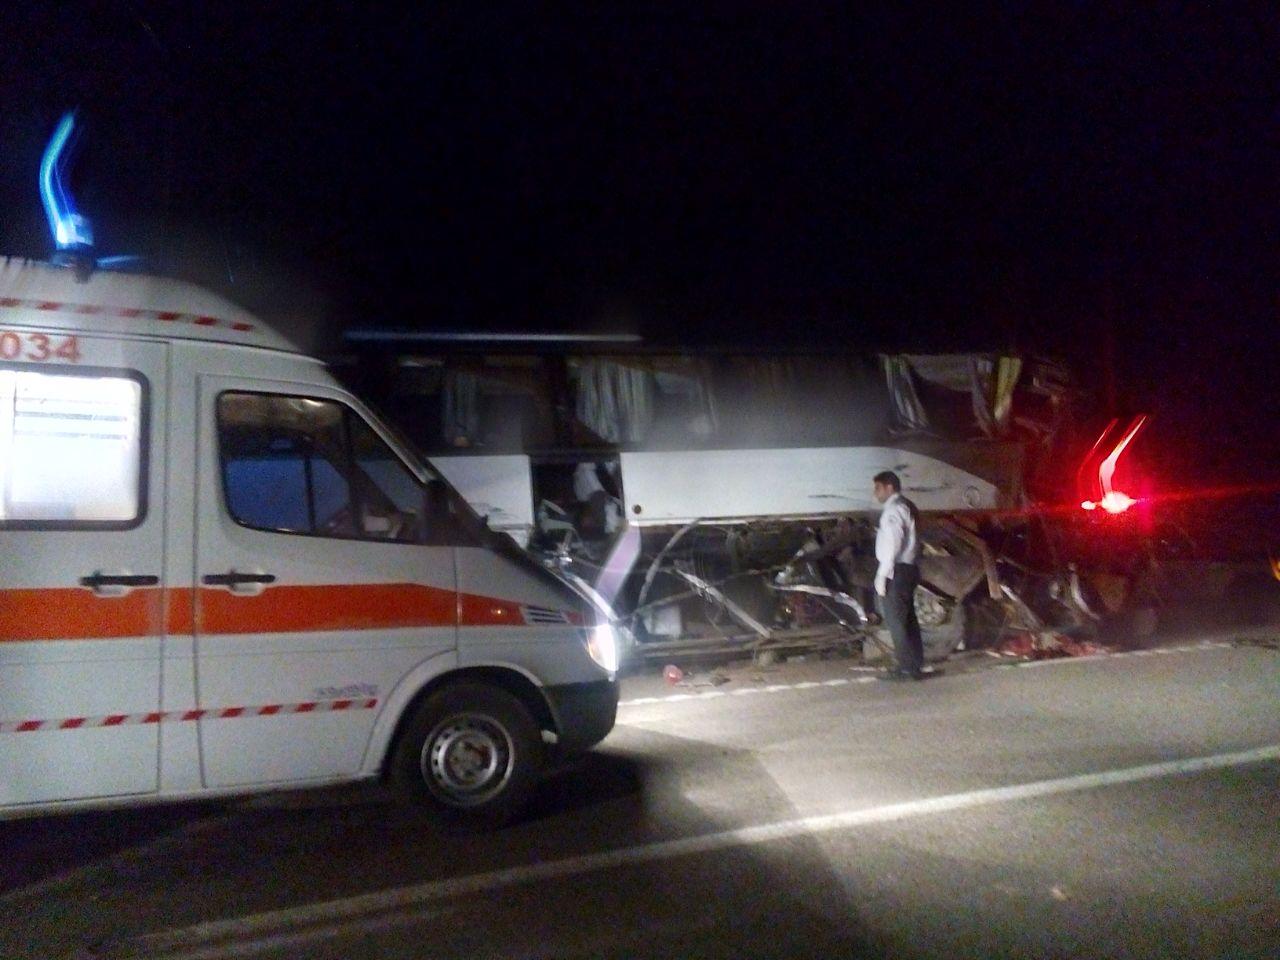 ۱۲ کشته و زخمی در برخورد یک دستگاه اتوبوس و کامیون در محور رفسنجان انار + عکس